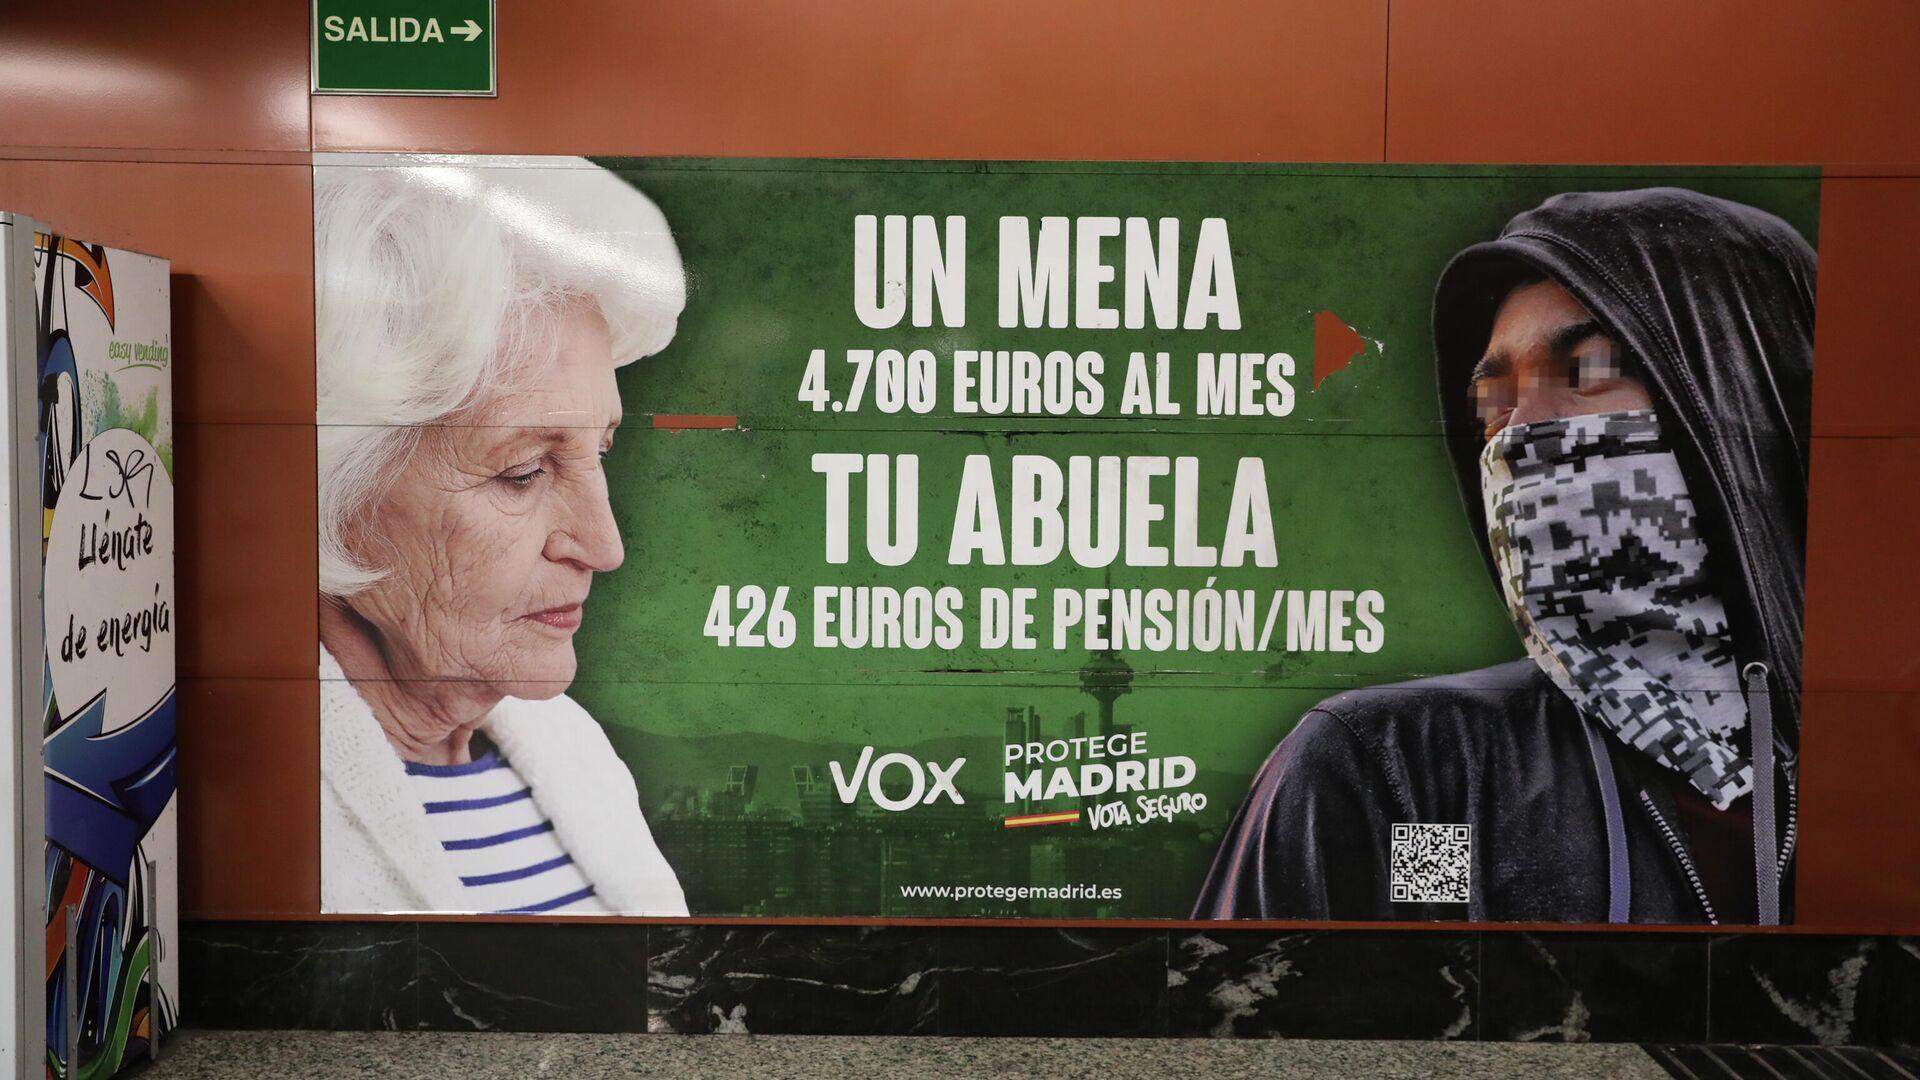 Cartel electoral de Vox contra los mena en la estación de Cercanías de Sol (Madrid) - Sputnik Mundo, 1920, 05.07.2021